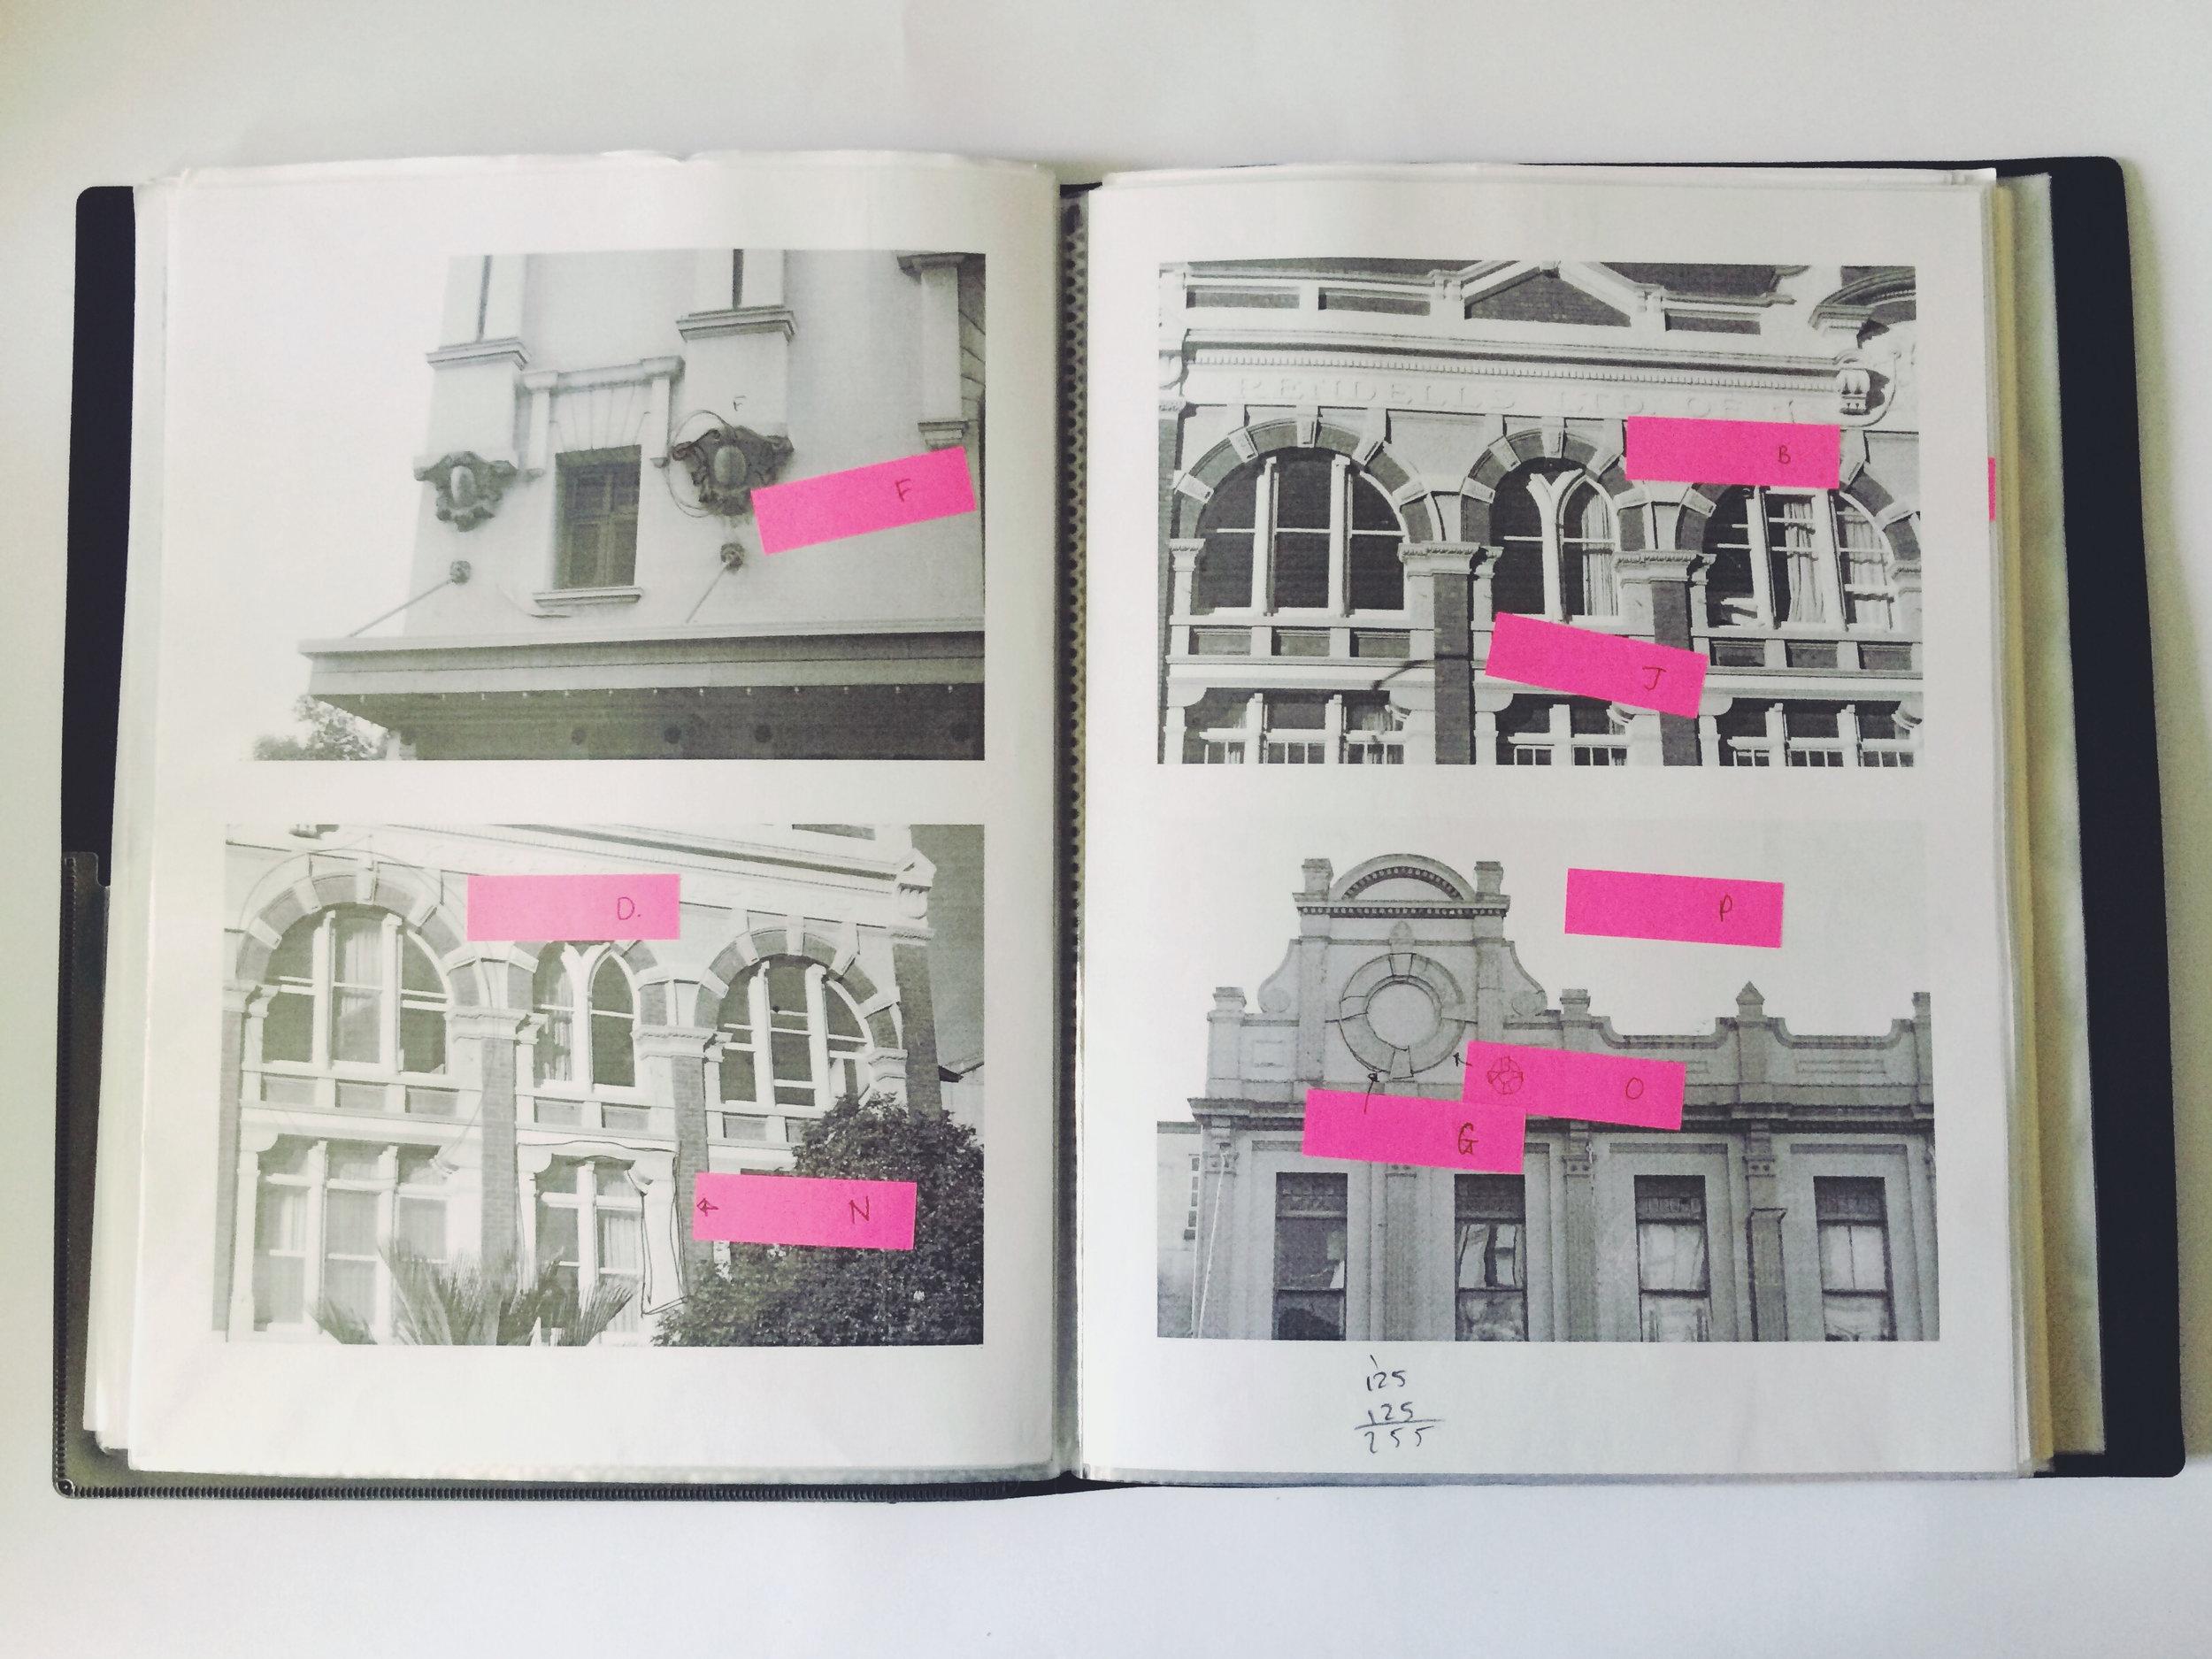 Above: Alisha's research into K'Roads architecture